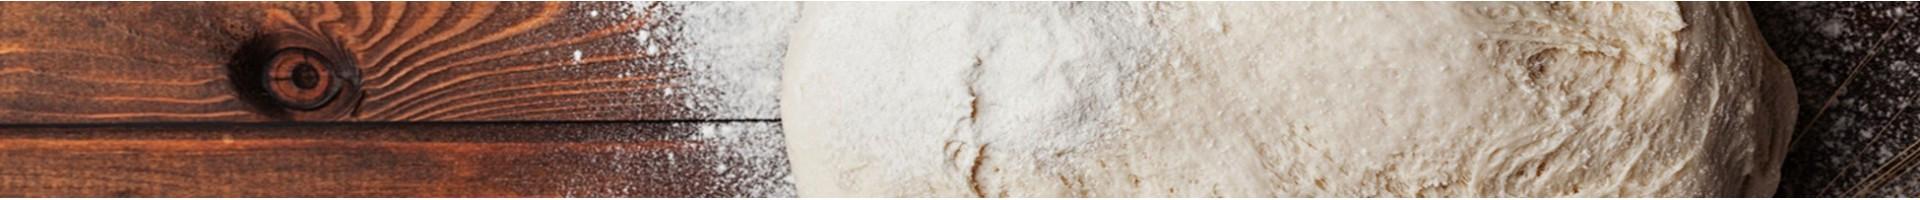 Levadura: Levadura de Panadería, Levadura para Pan | La Finestra